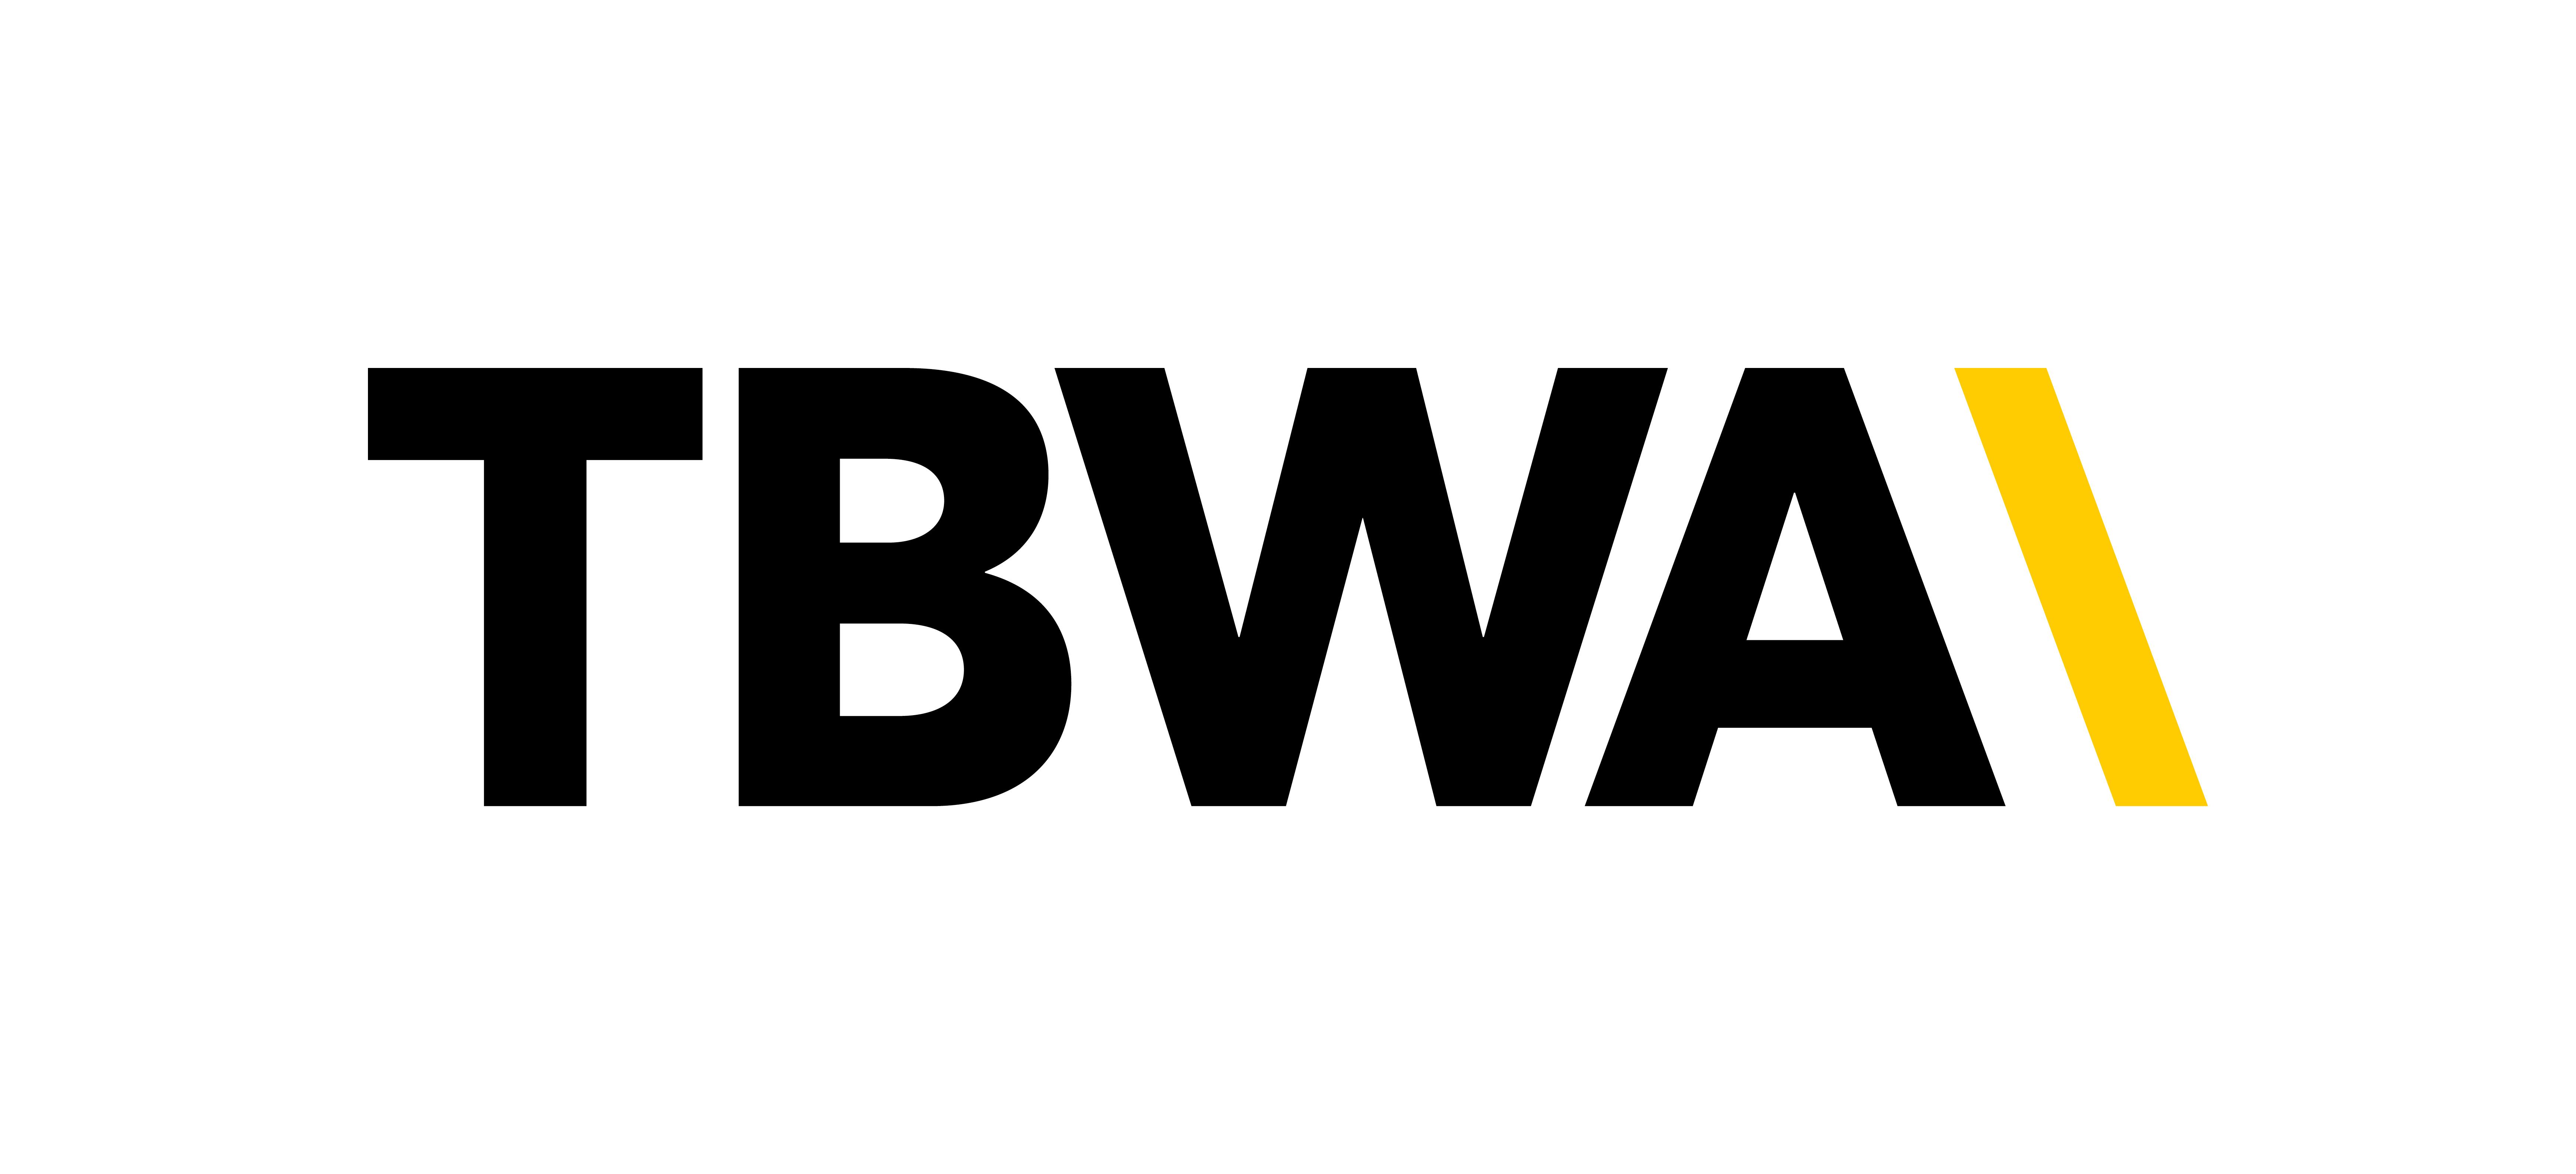 TBWA코리아, '2017 올해의 에이전시 어워드' 금상 수상